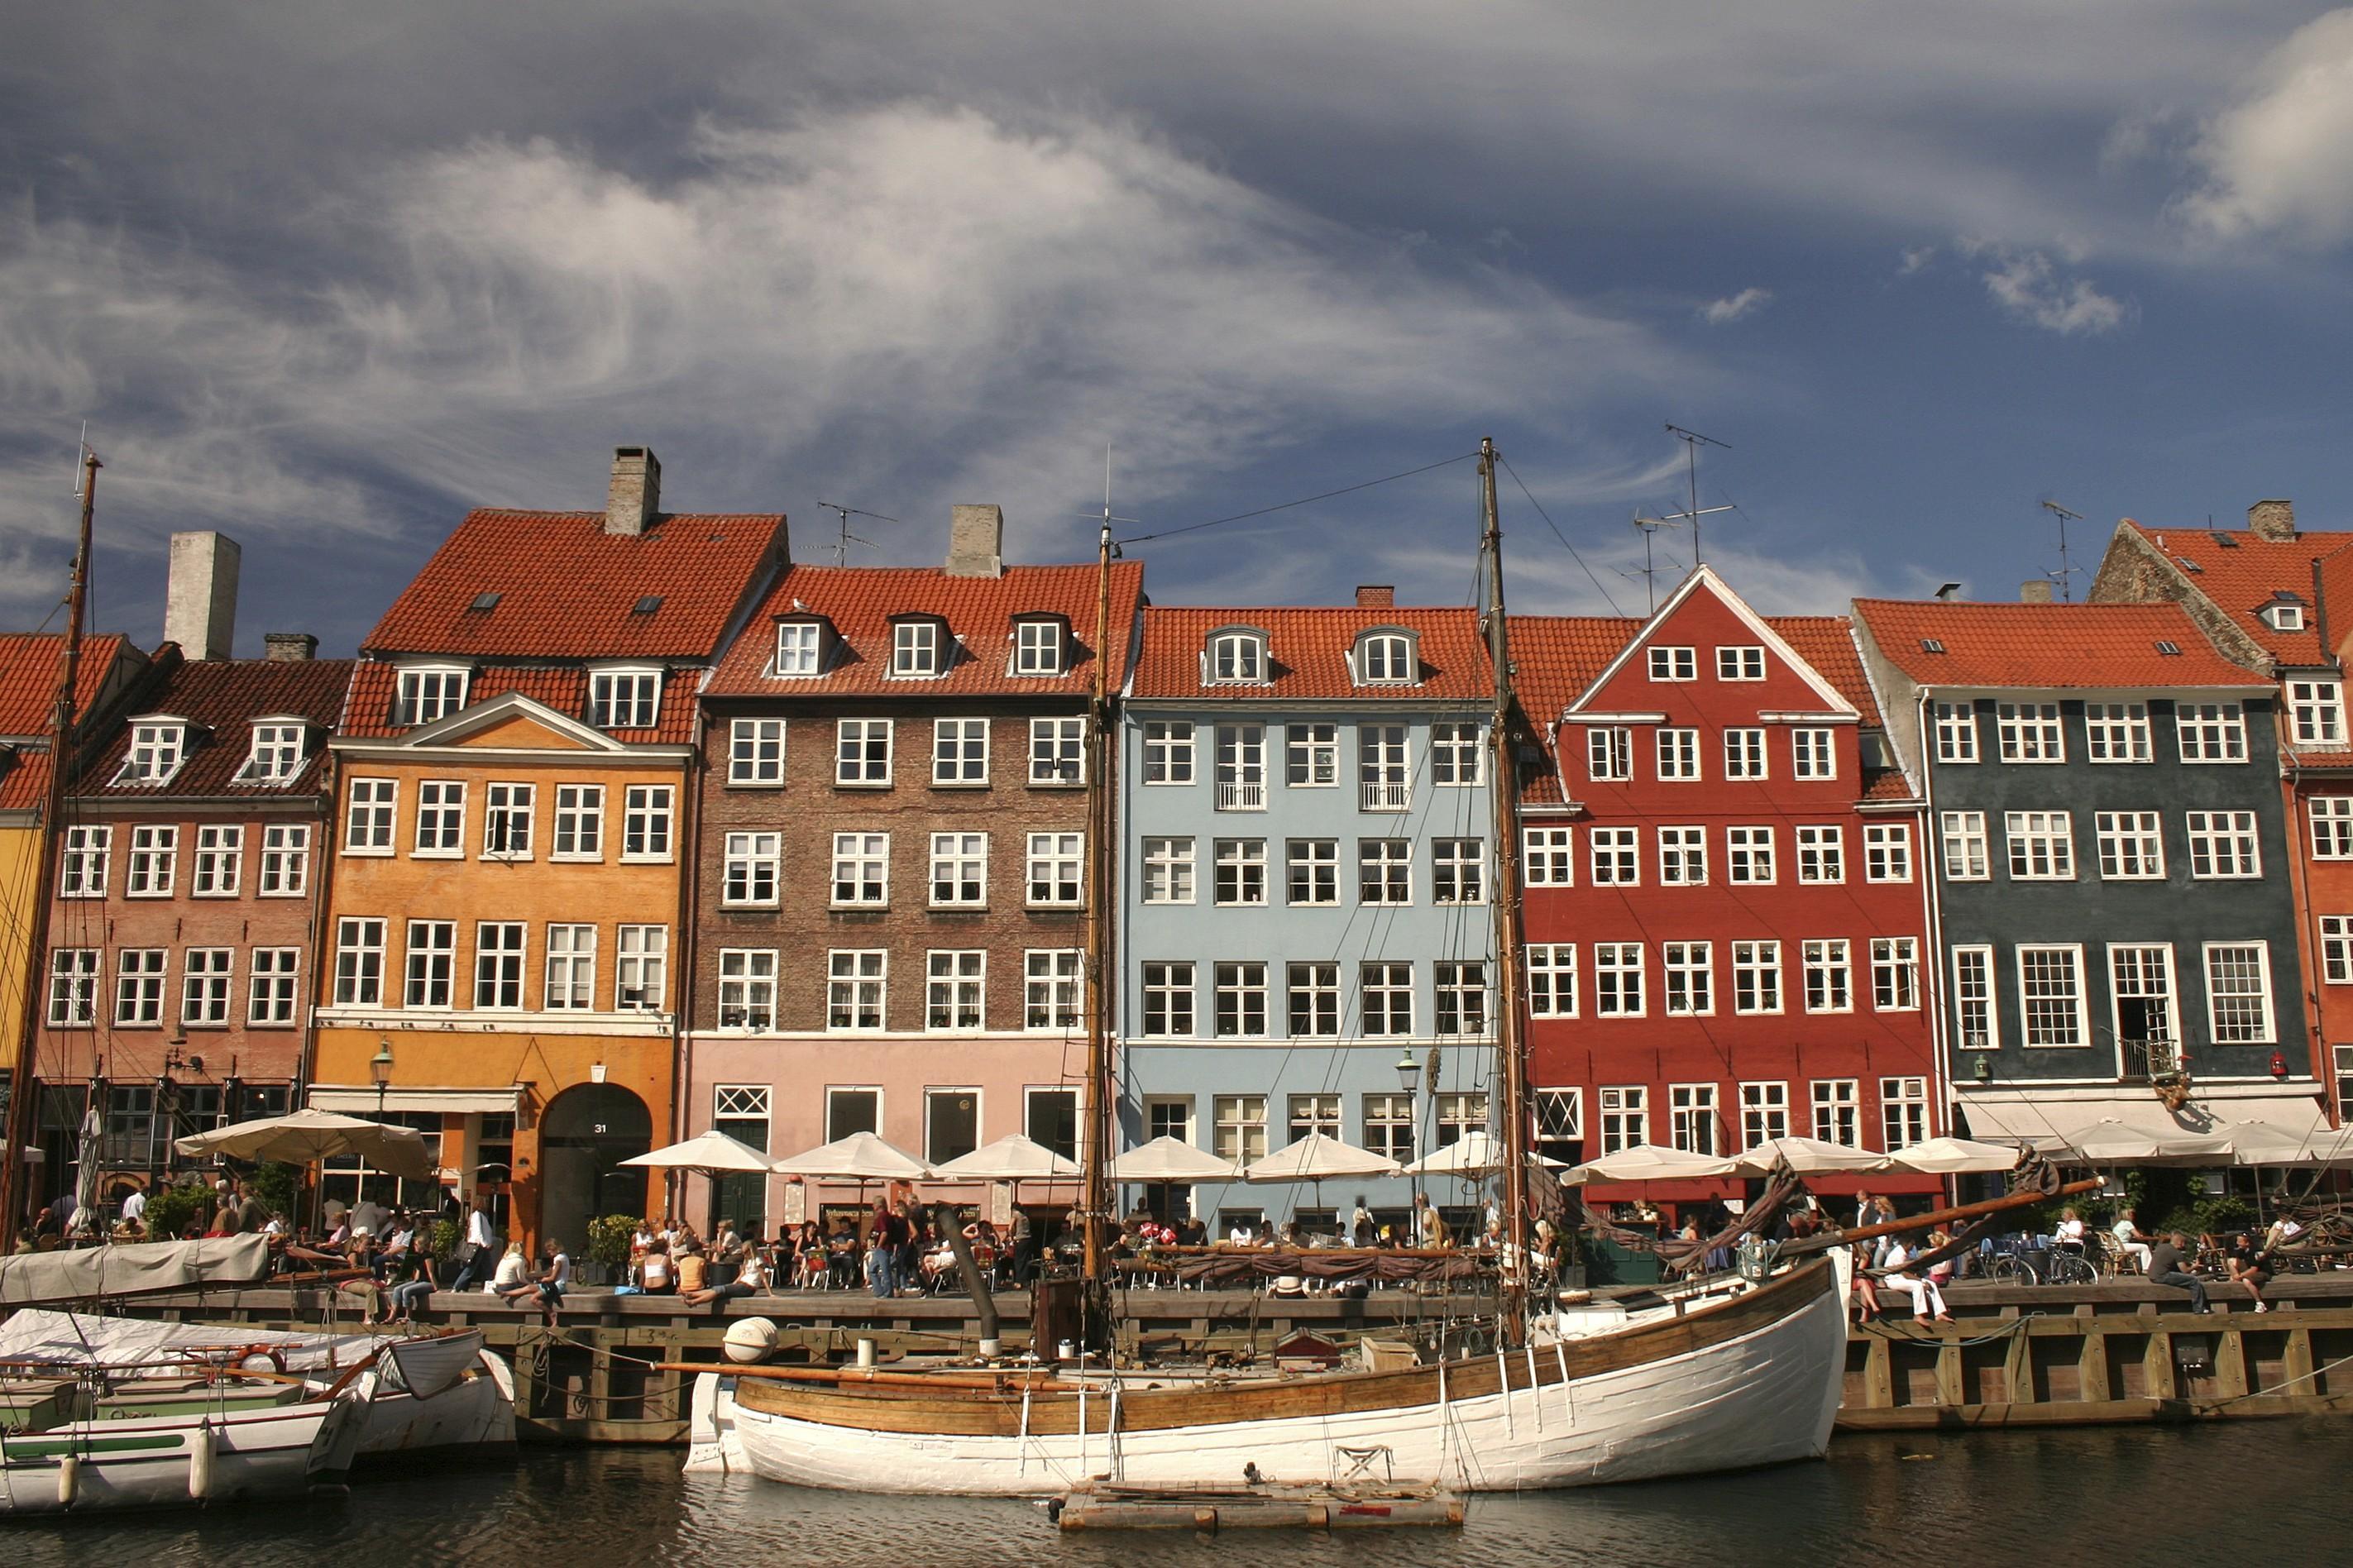 Cosa vedere in due giorni a Copenaghen?